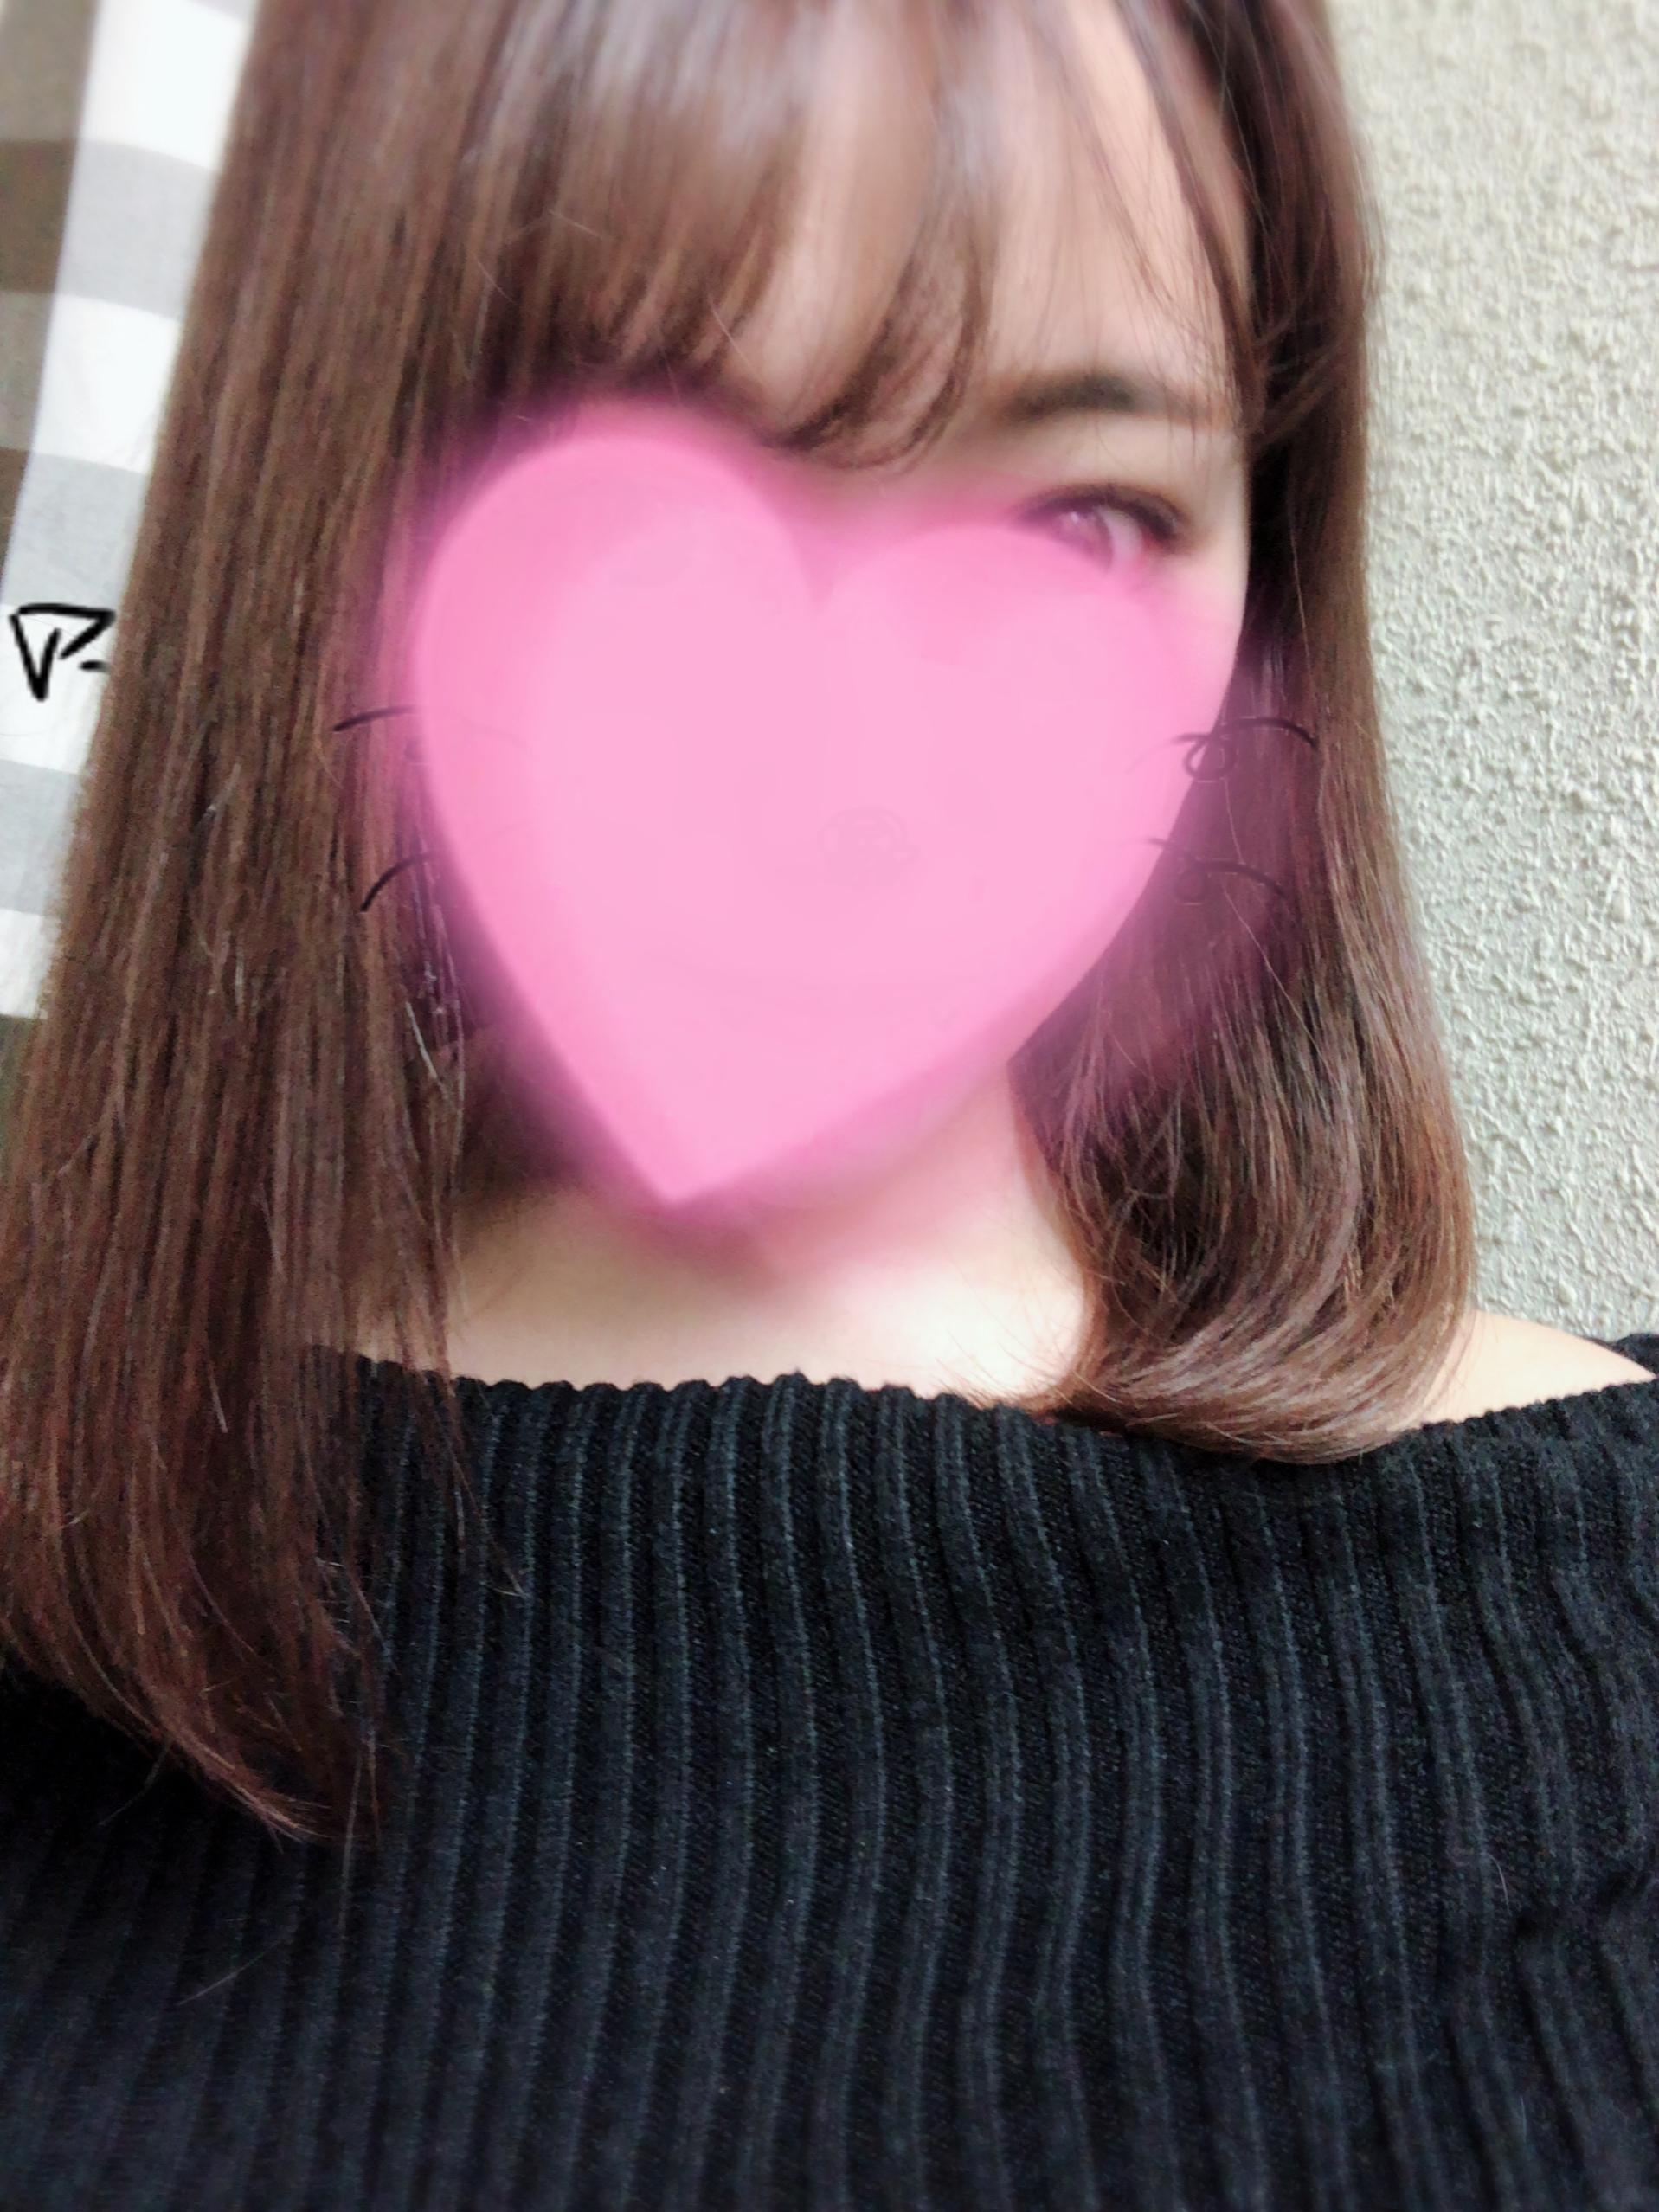 「はなです」12/02(12/02) 19:07 | はなちゃんの写メ・風俗動画